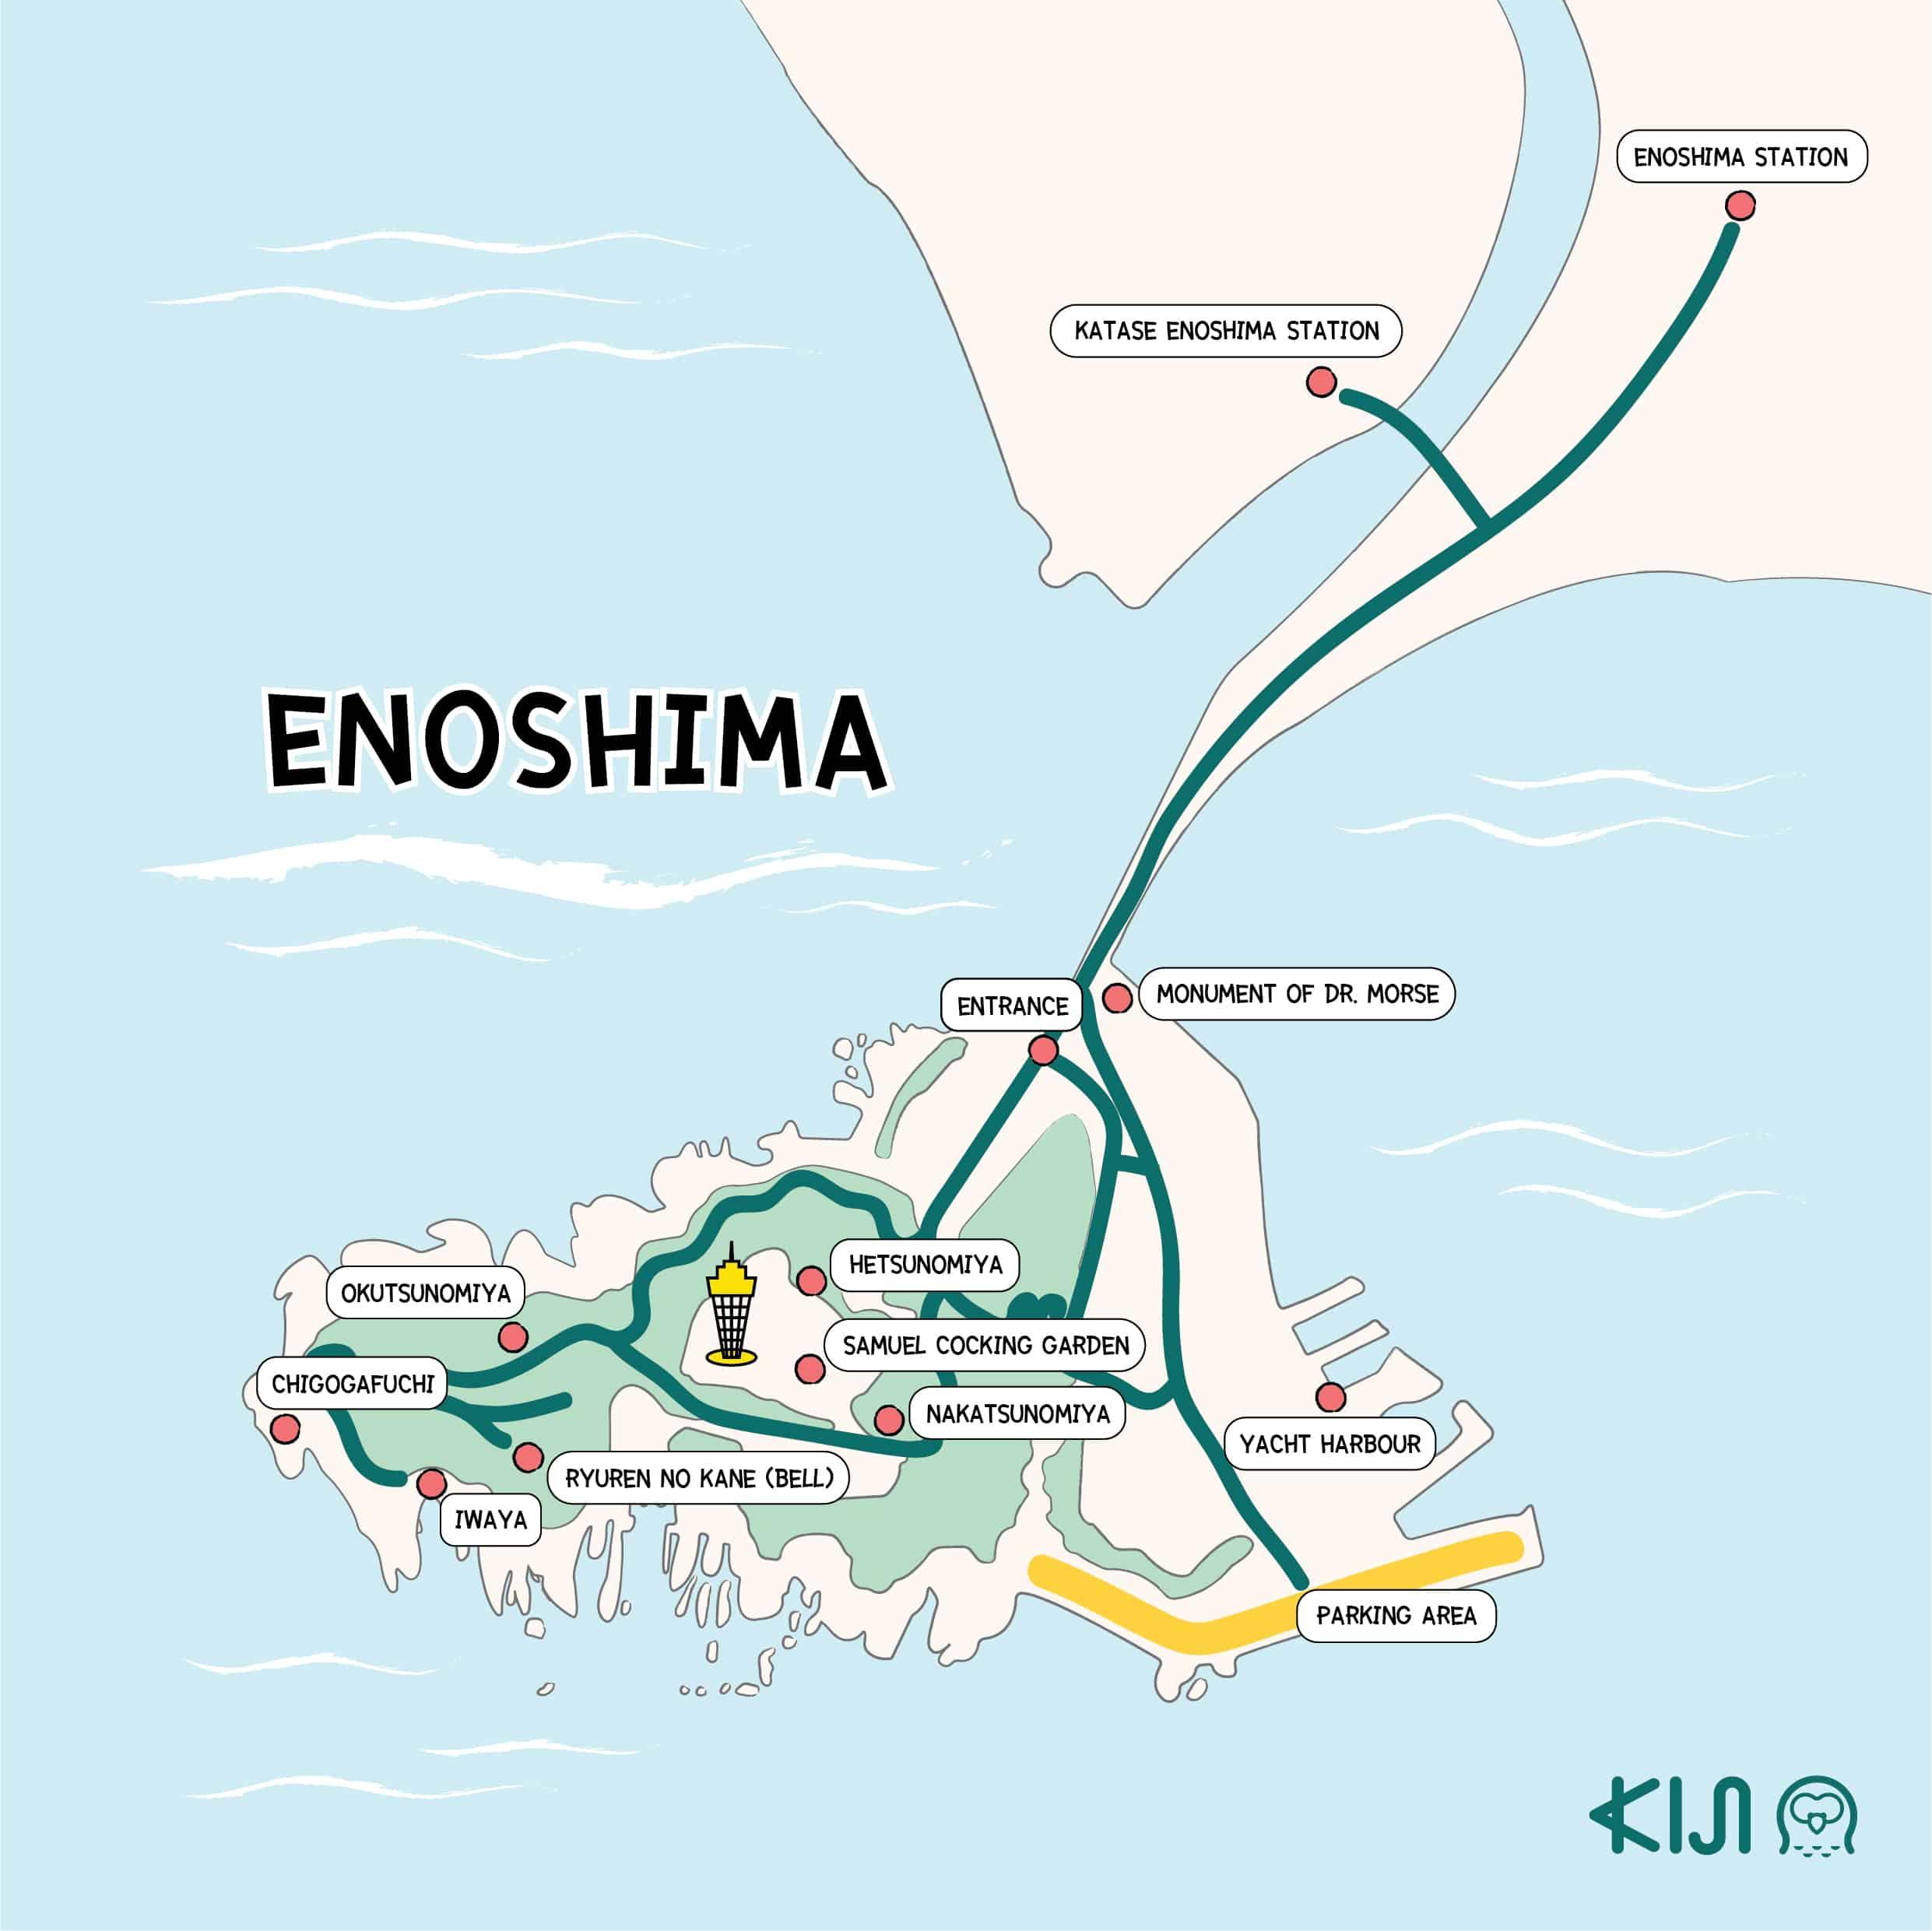 แผนที่เกาะเอโนชิมะ (Enoshima Island)